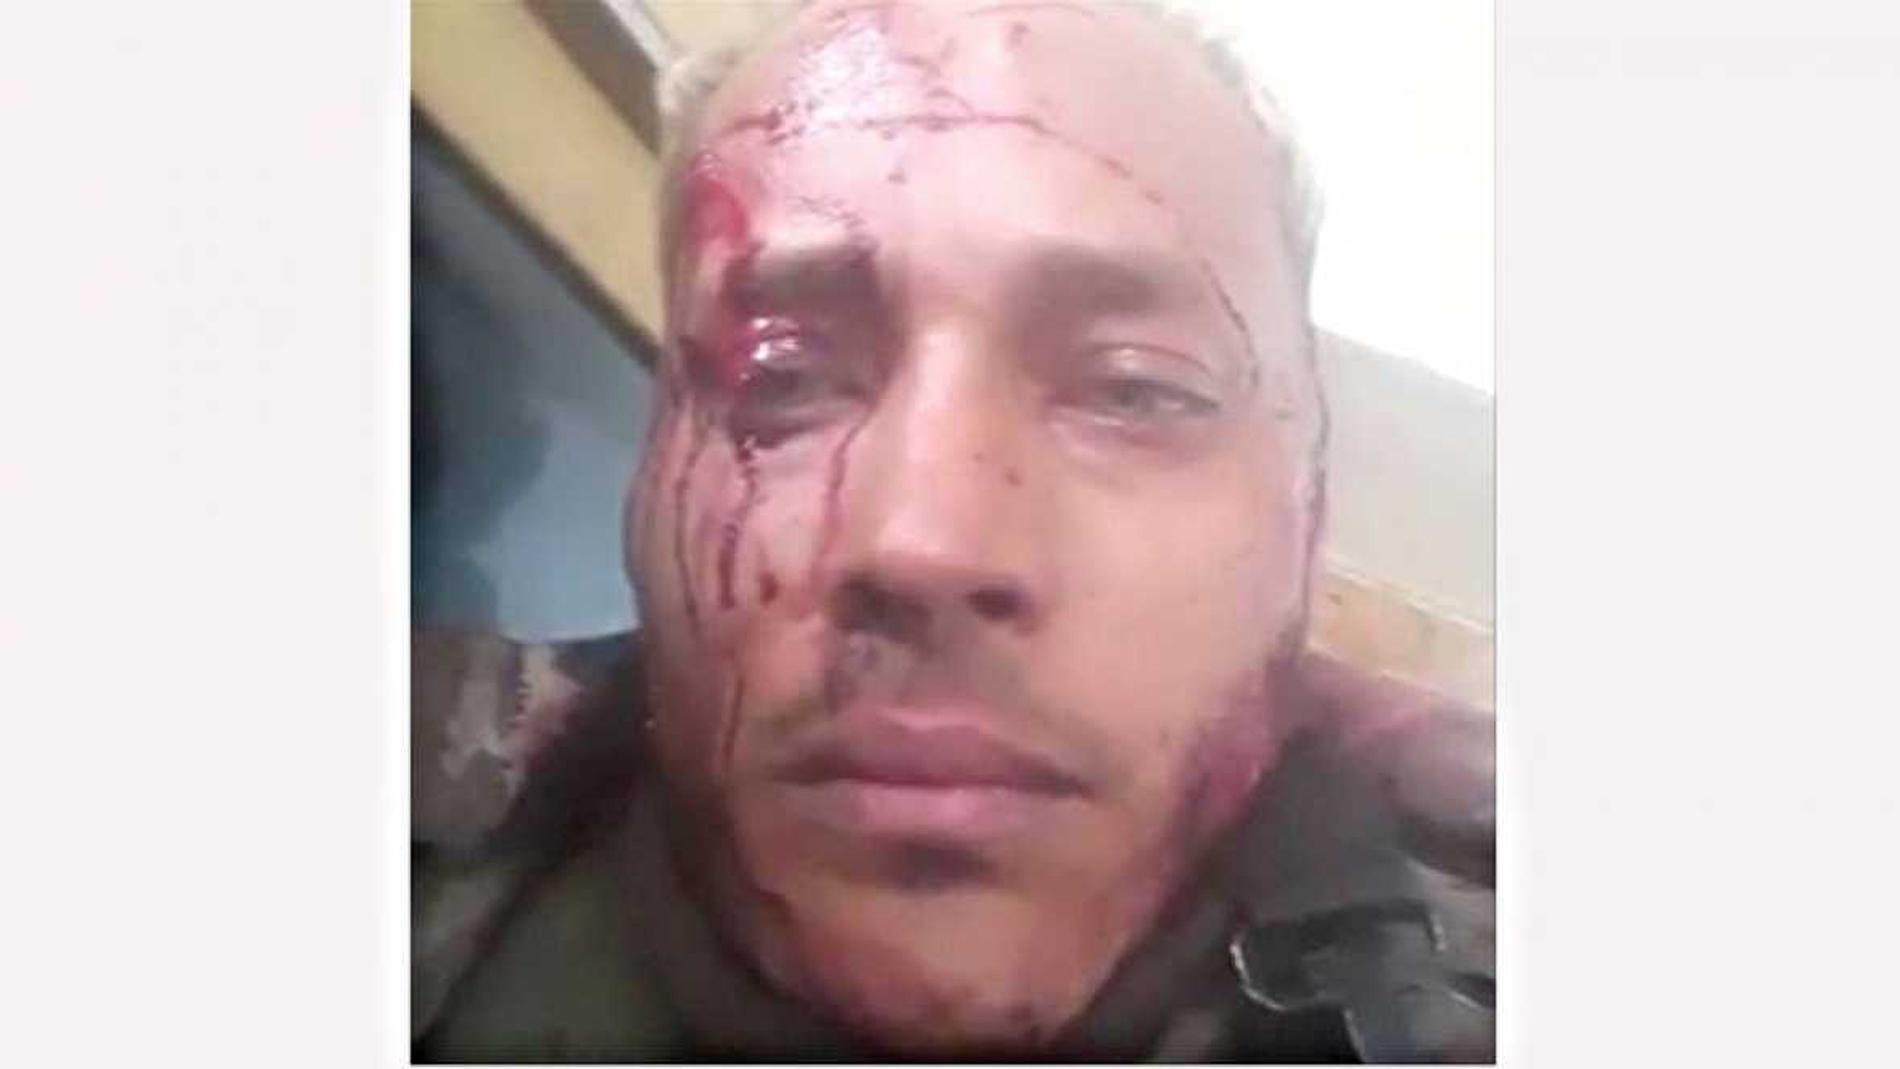 Venezuela desmantela el grupo de sublevados del expolicía Óscar Pérez en una operación con varios muertos